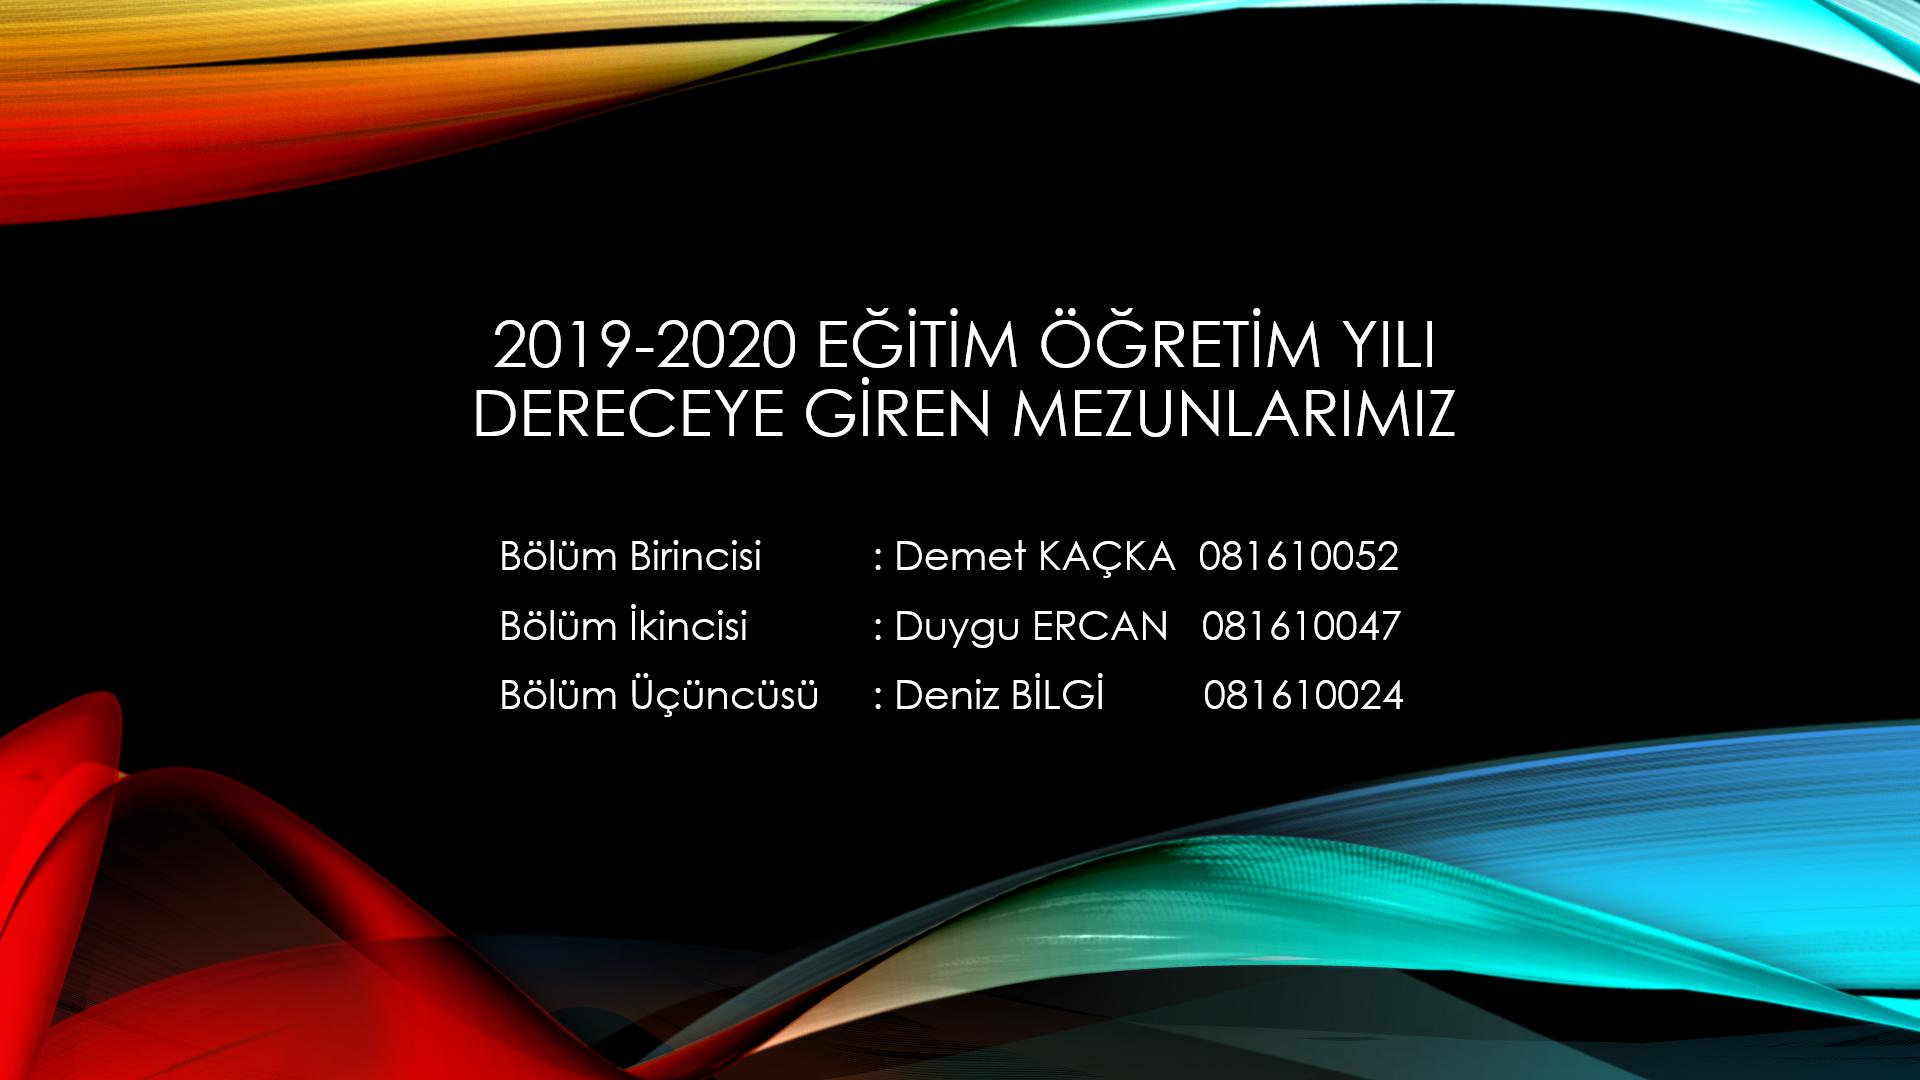 2019-2020 EĞİTİM-ÖĞRETİM YILI DERECEYE GİREN MEZUNLARIMIZ